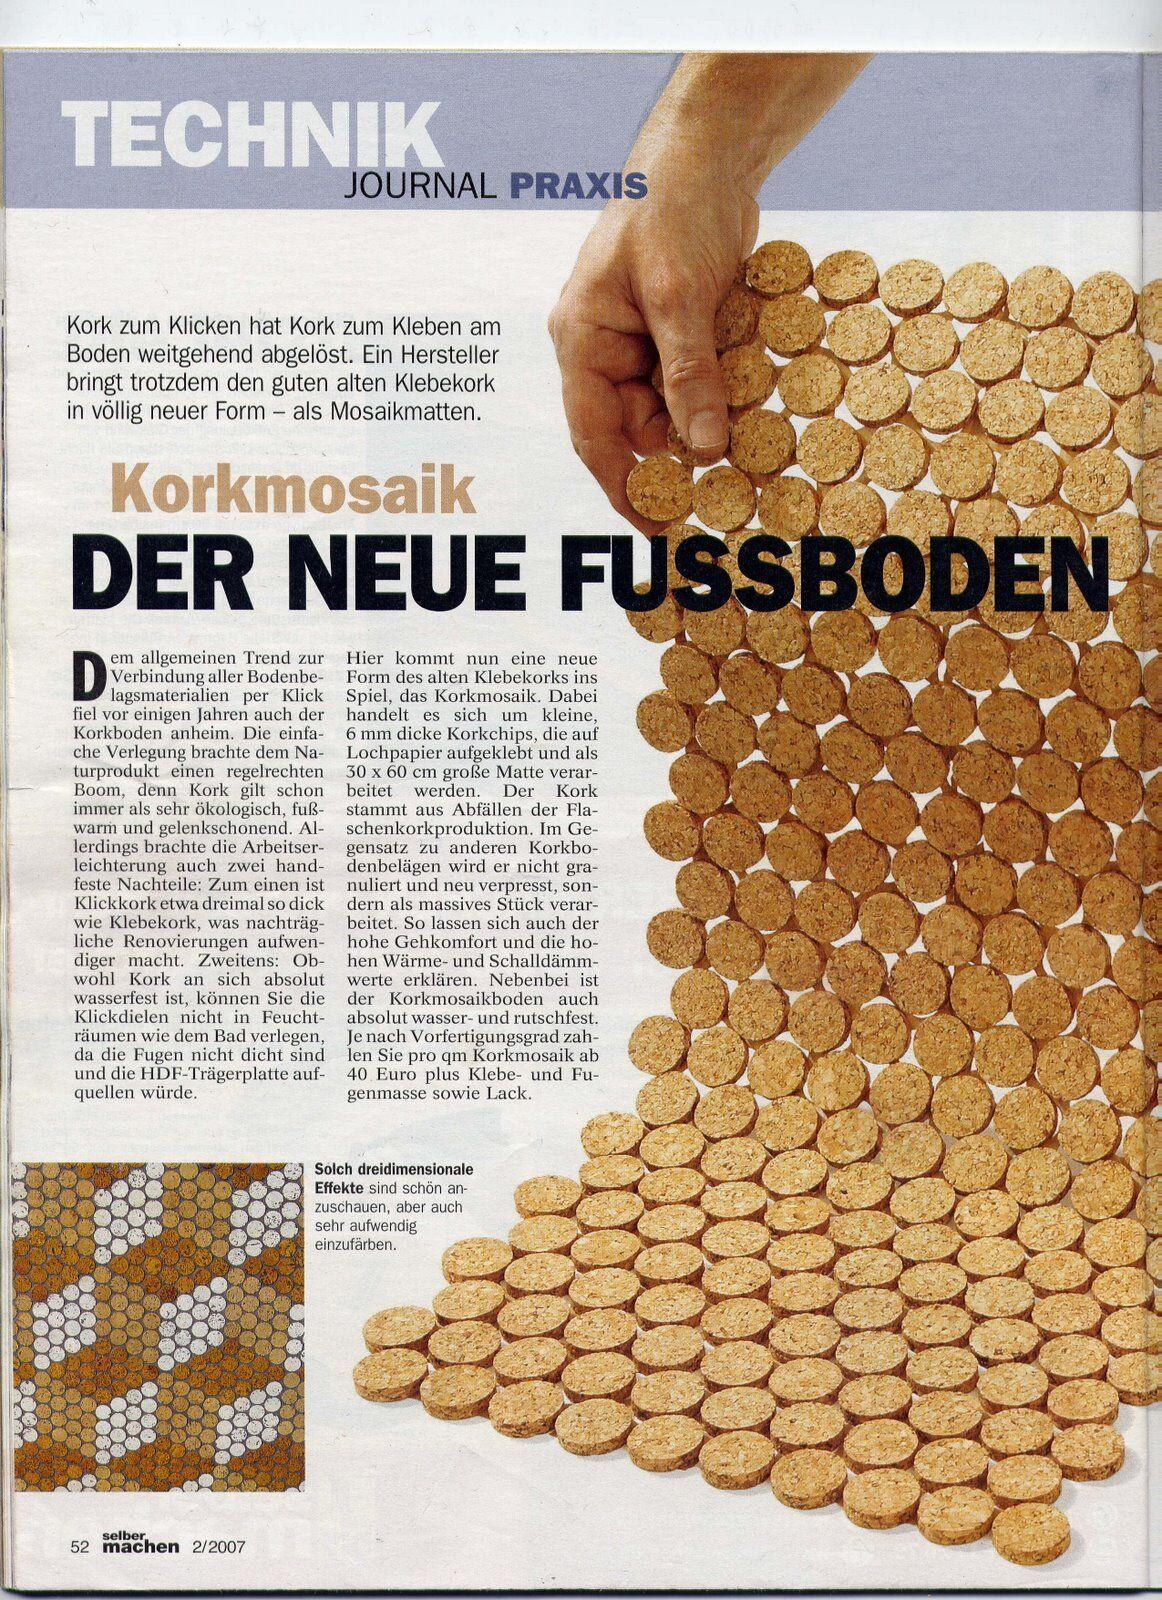 bodenbelag begehbare dusche 6mm massiv kork fliesen boden wand bad mosaik 30x30 eur 1 00. Black Bedroom Furniture Sets. Home Design Ideas